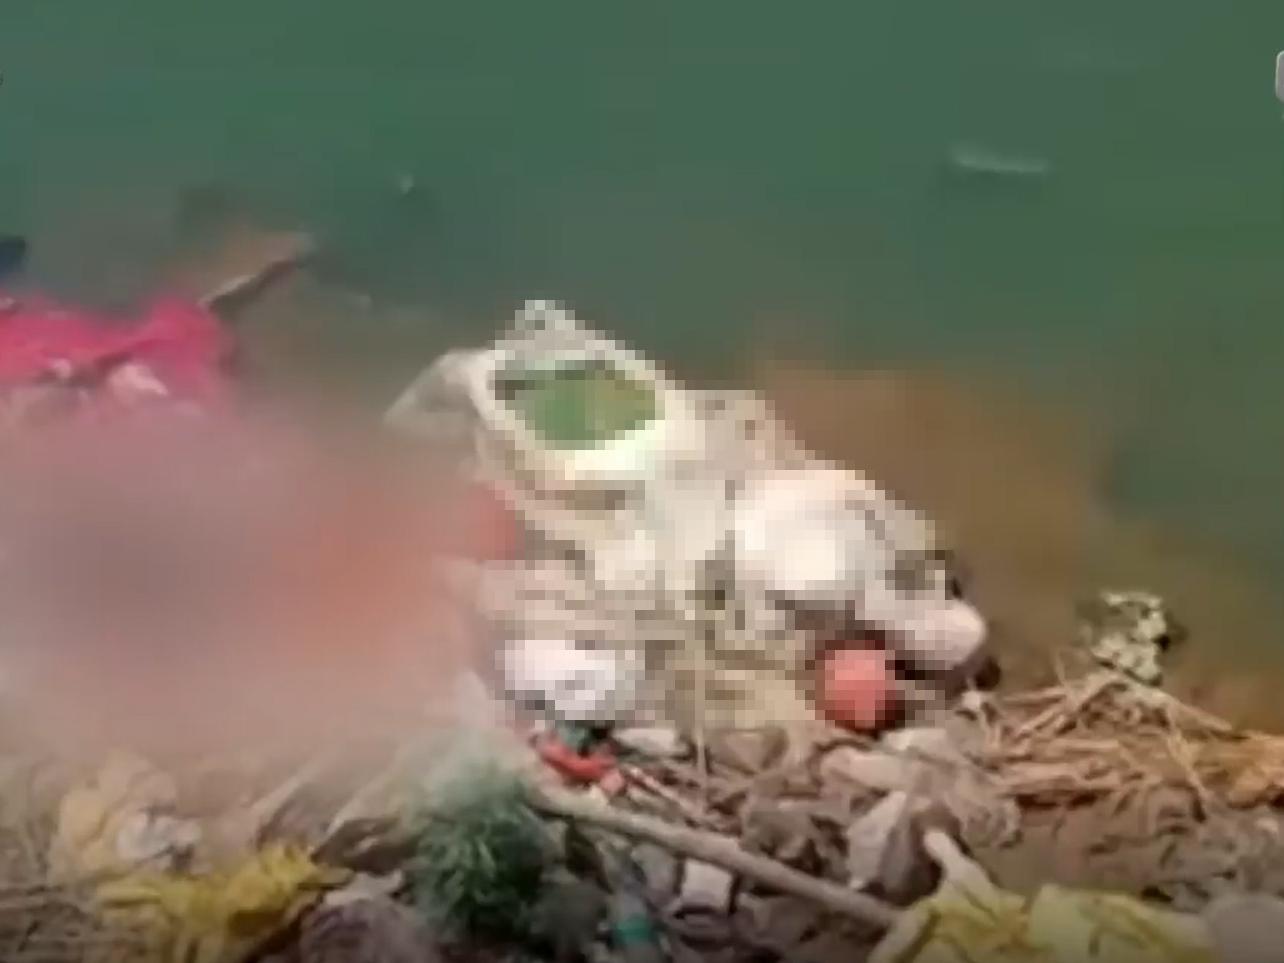 Sốc: Cả trăm thi thể bệnh nhân Covid-19 ở Ấn Độ bị thả trôi dưới sông Hằng, nghi bị chó hoang 'ăn thịt' - Ảnh 3